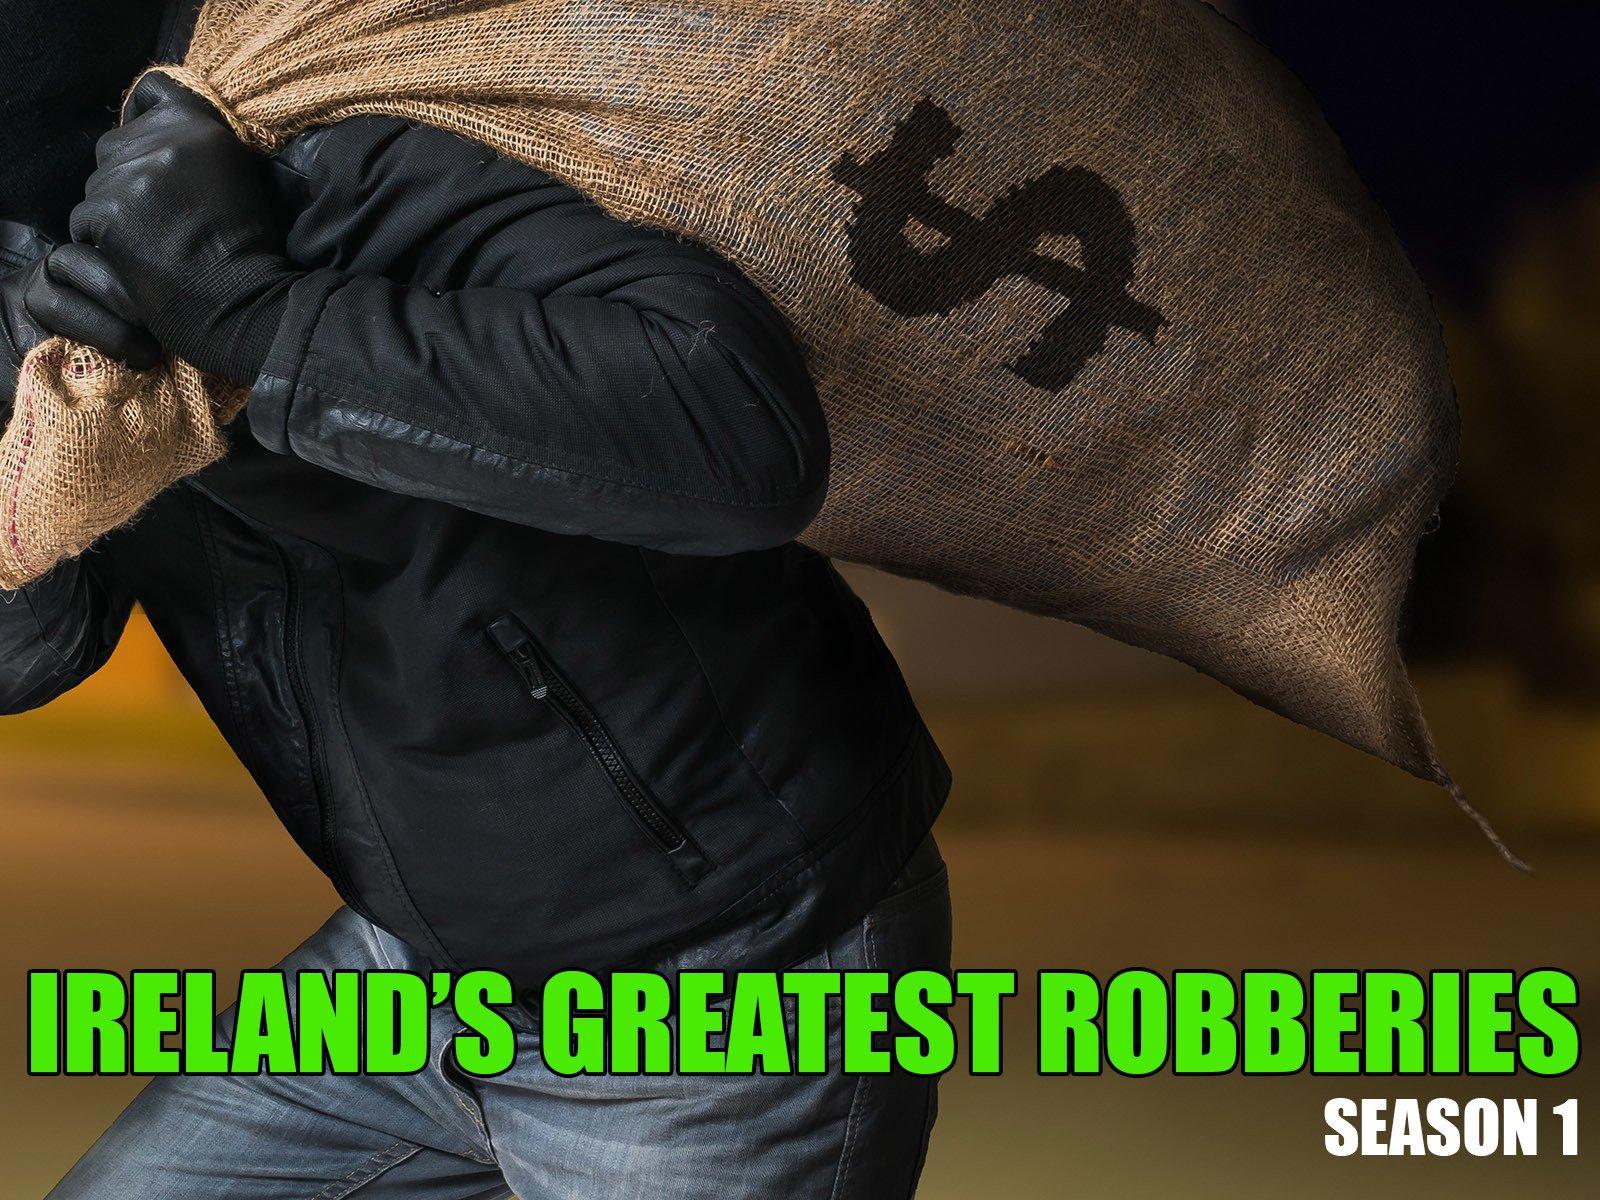 Ireland's Greatest Robberies - Season 1